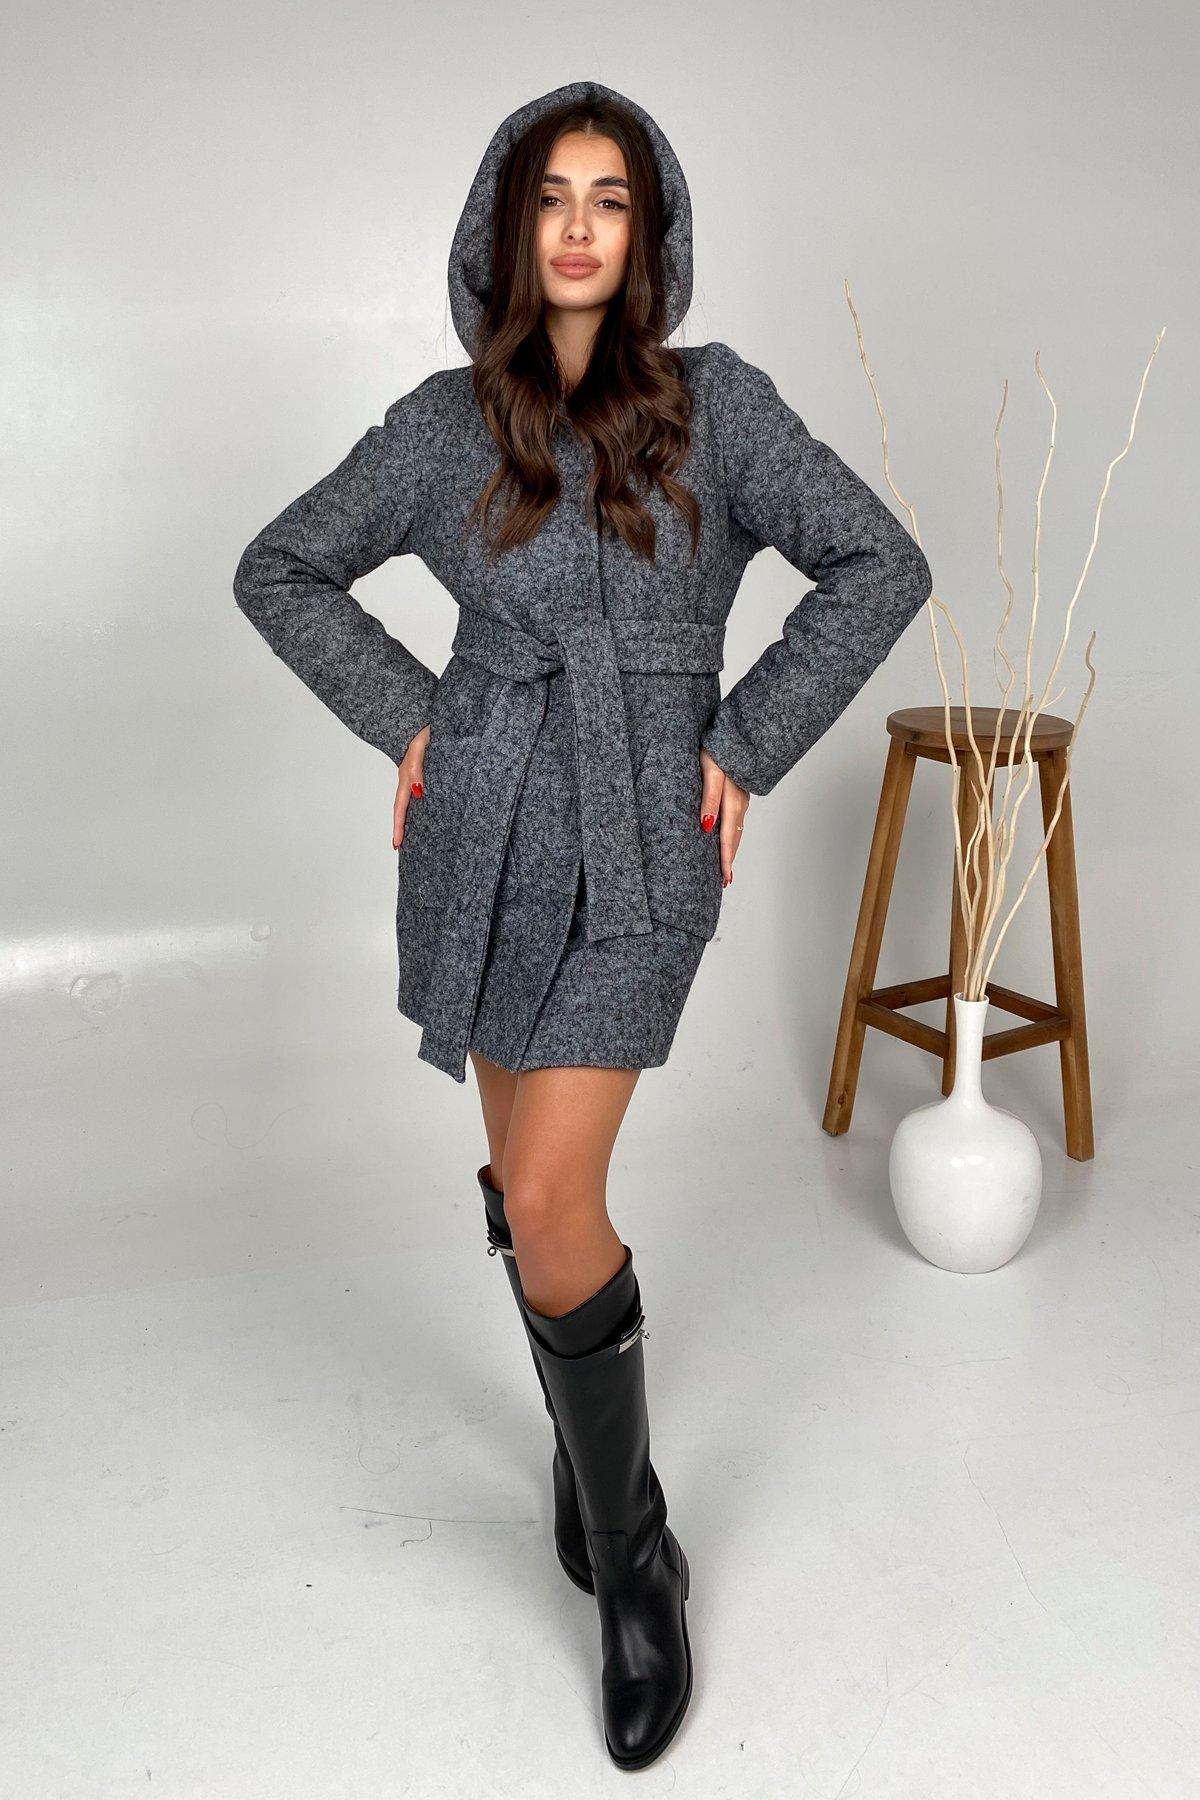 Анита шерсть варенка зима без меха пальто 9936 АРТ. 46225 Цвет: Серый Темный LW-47 - фото 3, интернет магазин tm-modus.ru